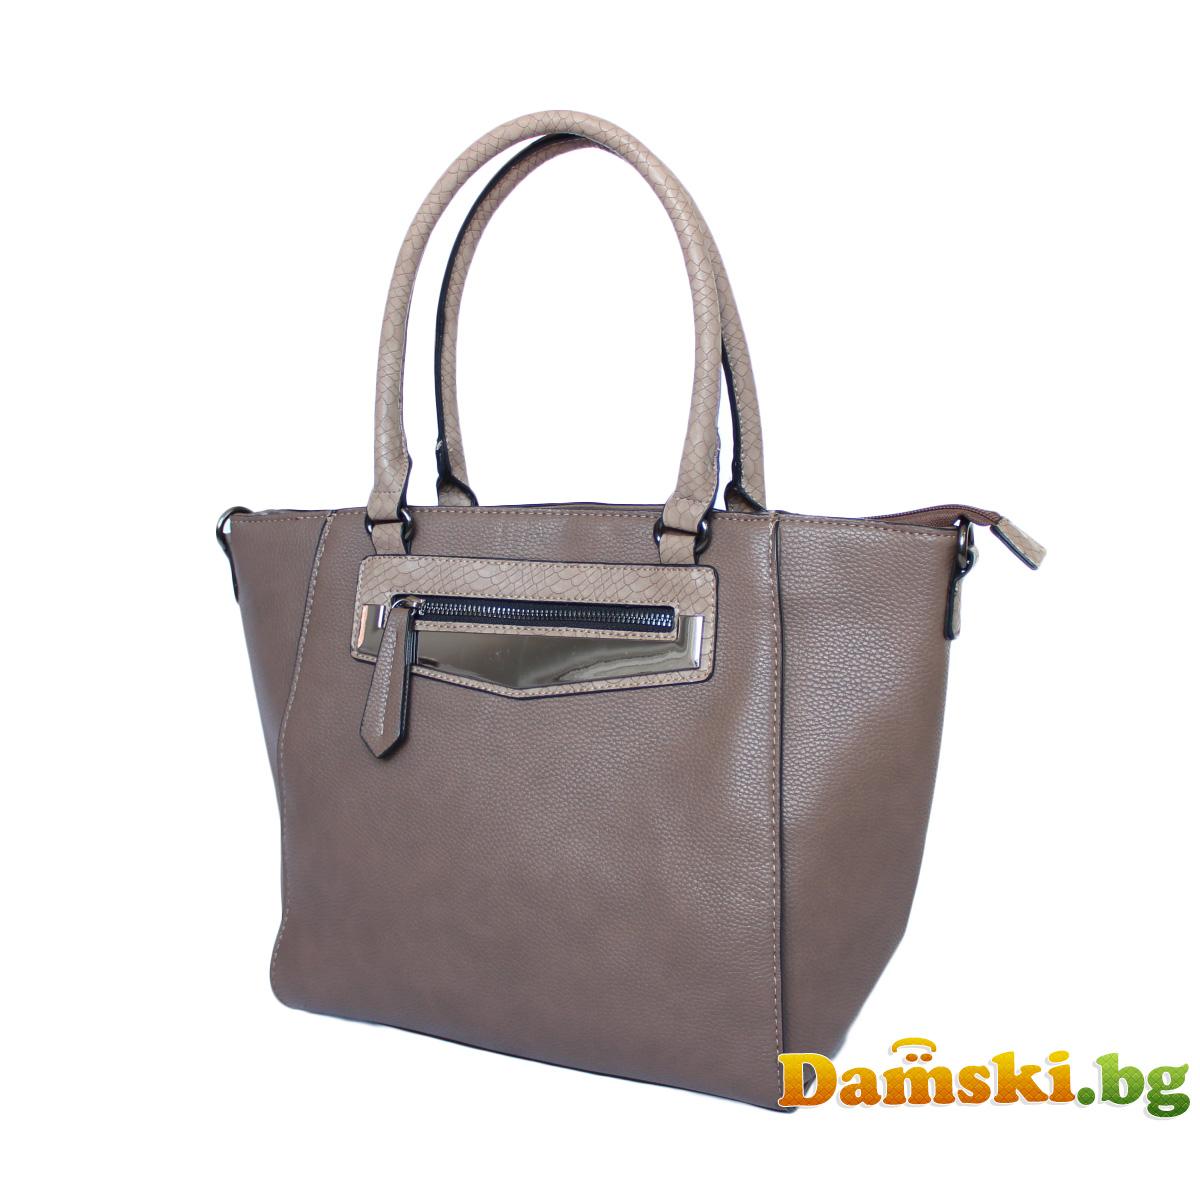 Стилна дамска чанта Люси - кафява Снимка 3 от 3